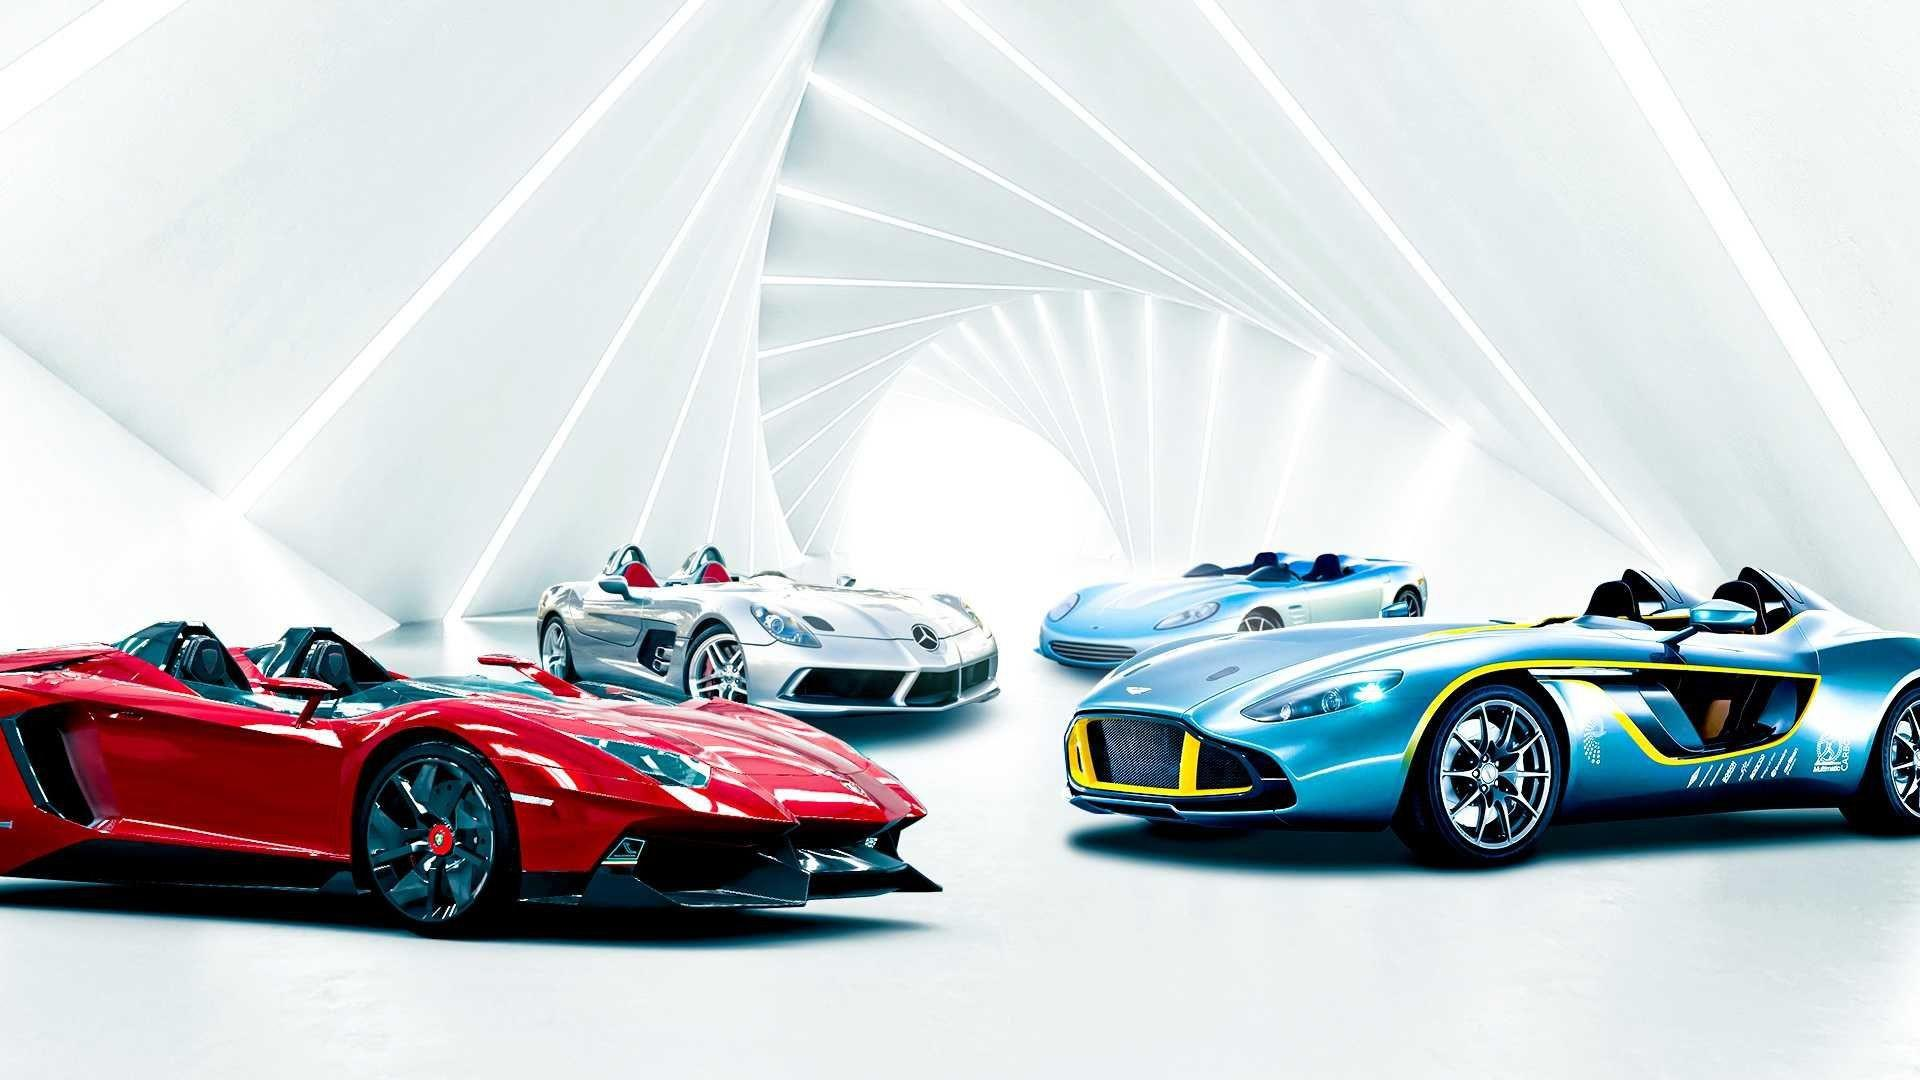 Mode: Supercarssans pare-brise, speedsters et barchettes !